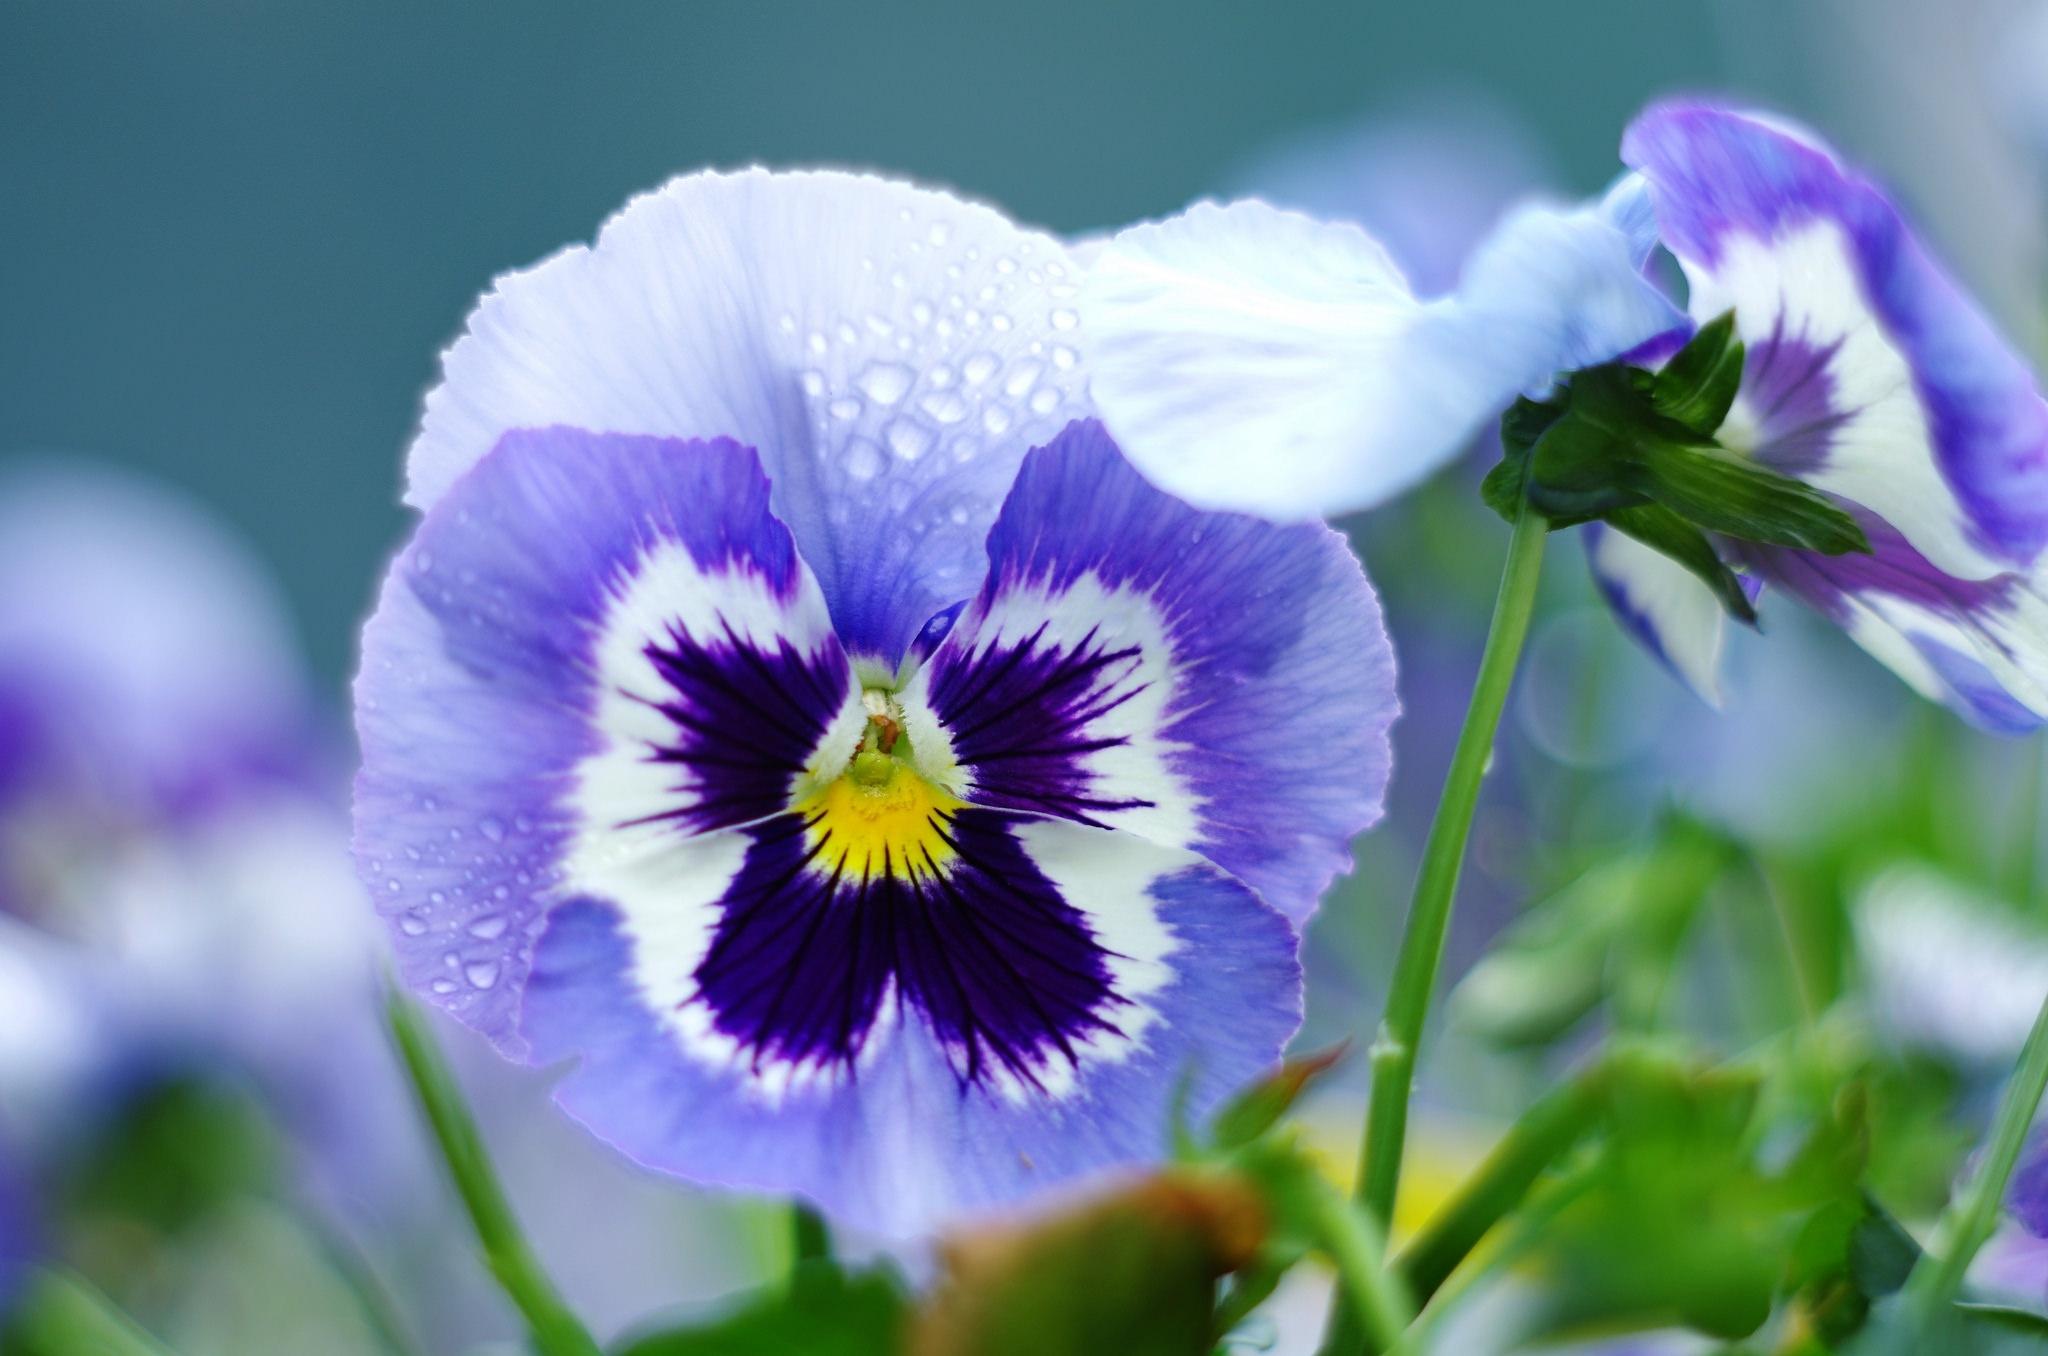 анютины глазки фото цветов хорошего разрешения злобная героиня